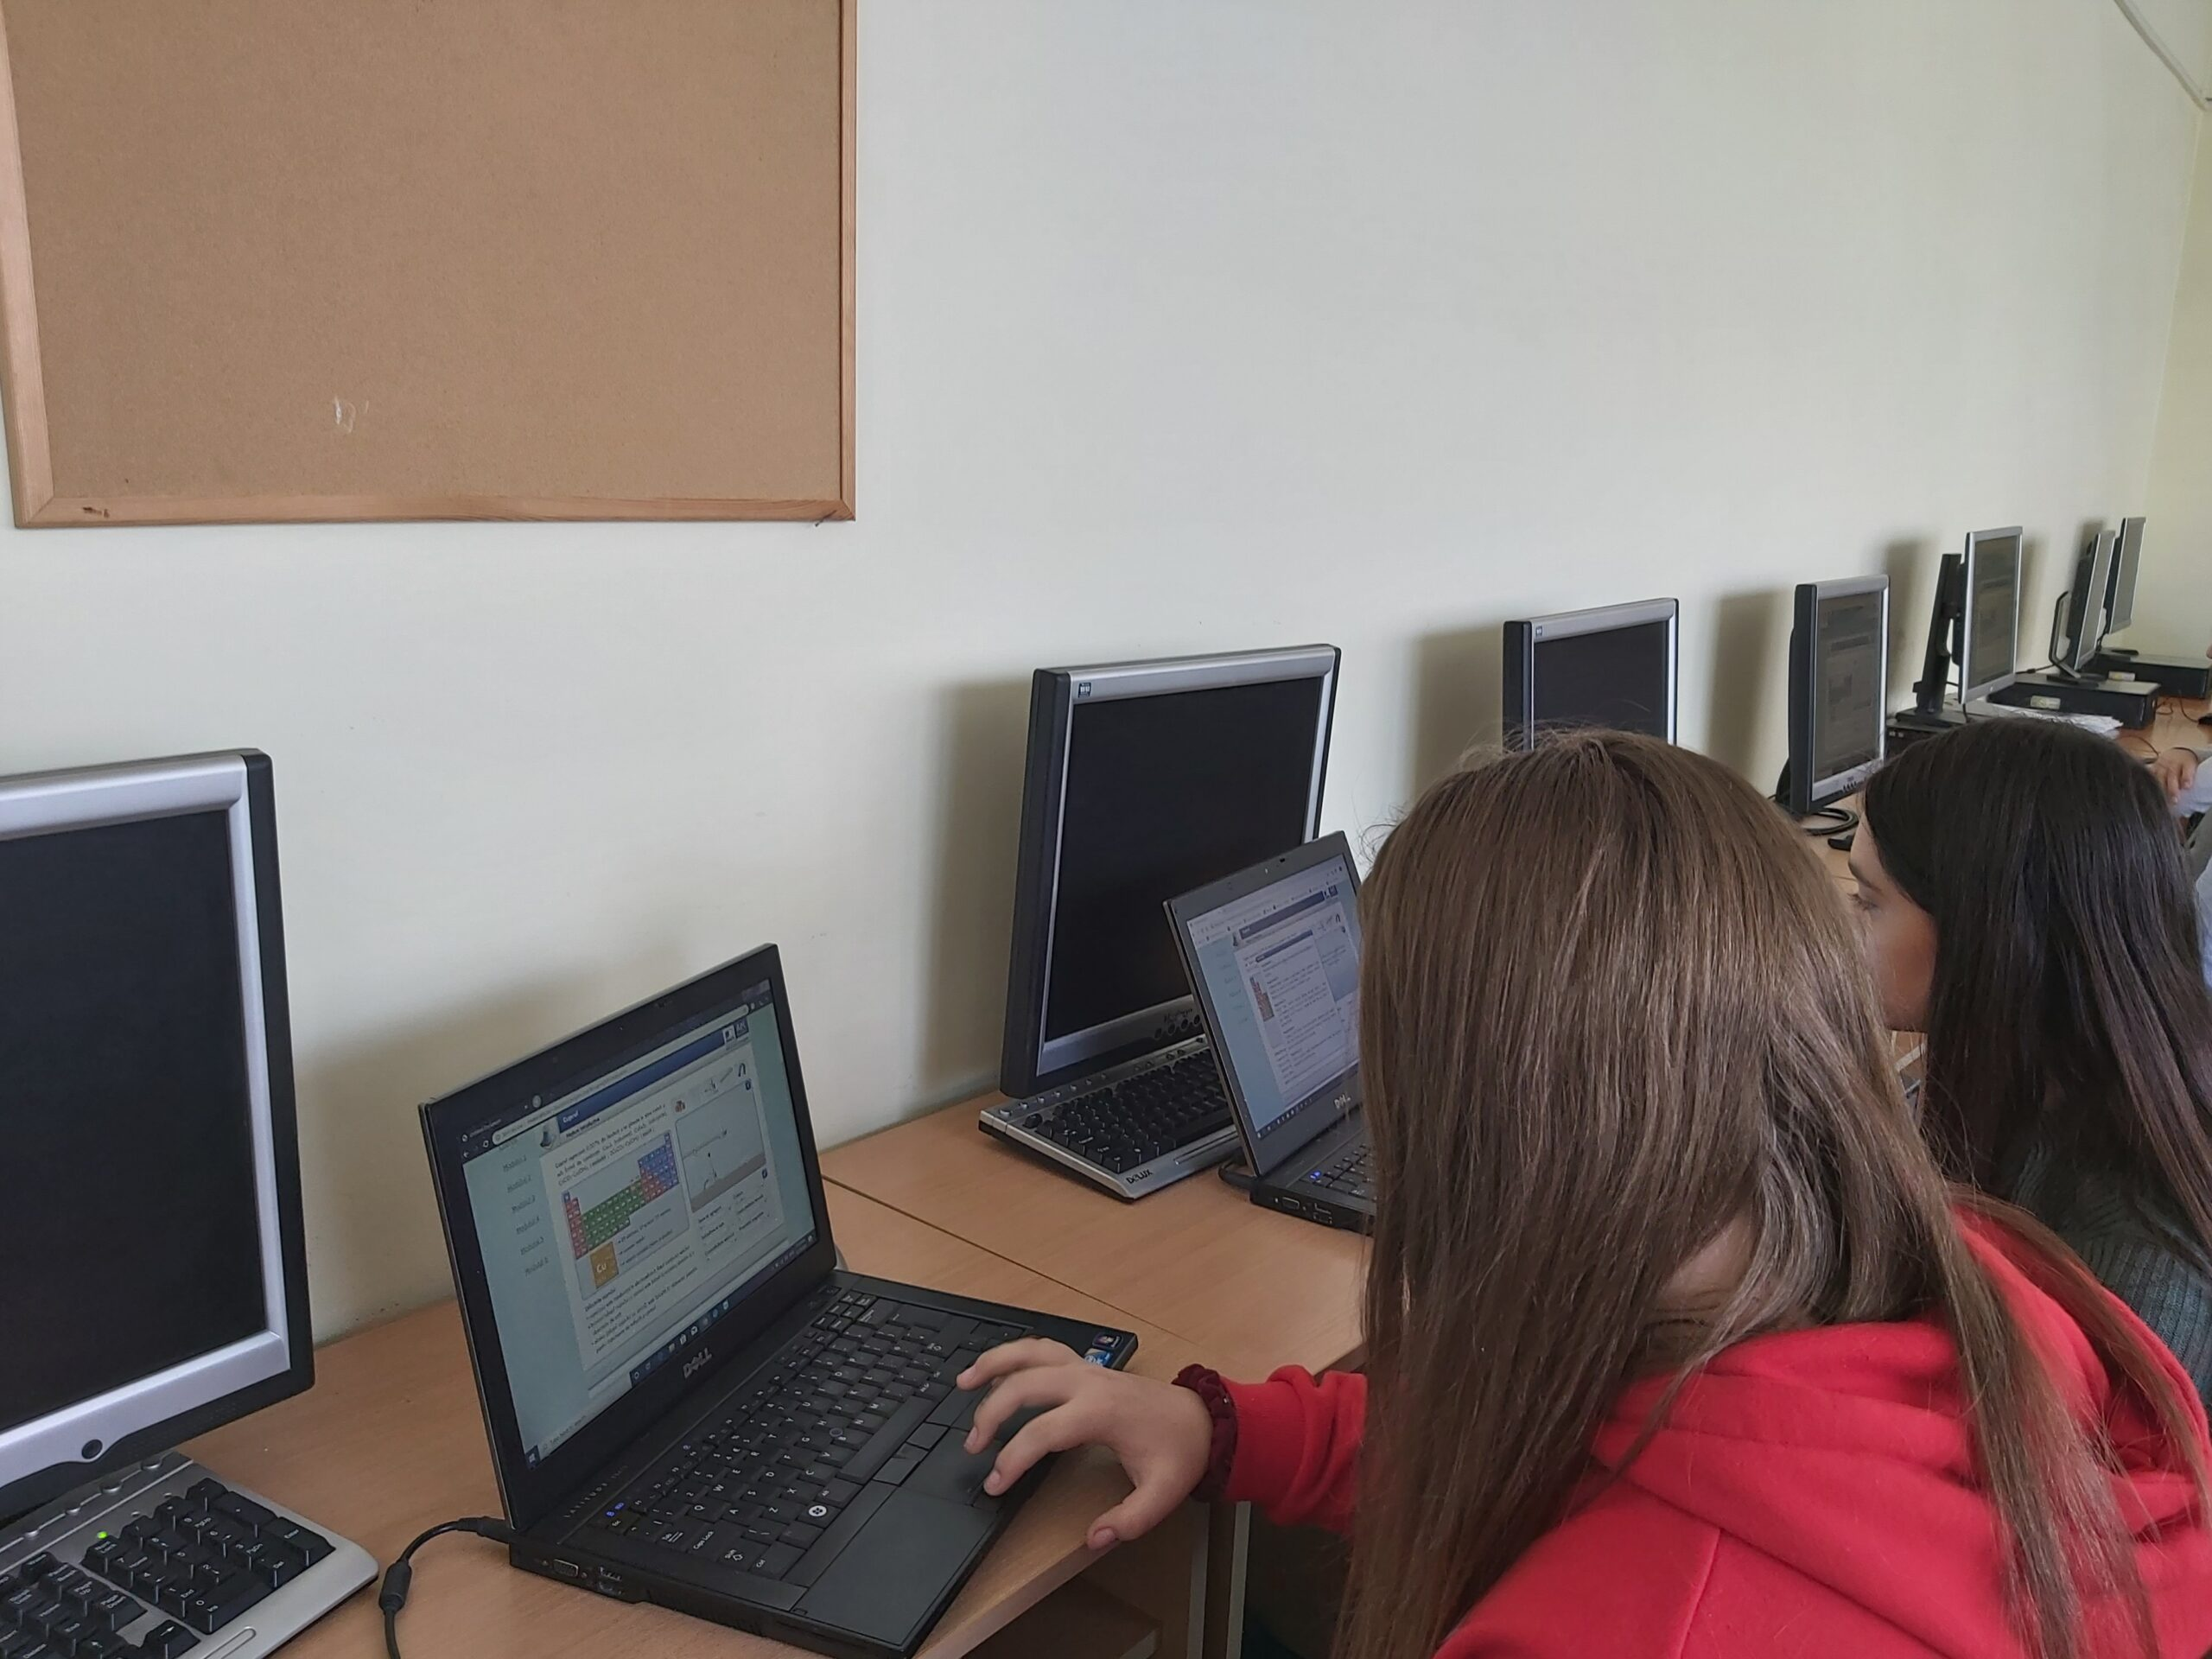 Proiectul Intră în cercul solidarITății dotează 14 instituții de învățământ cu echipamente IT